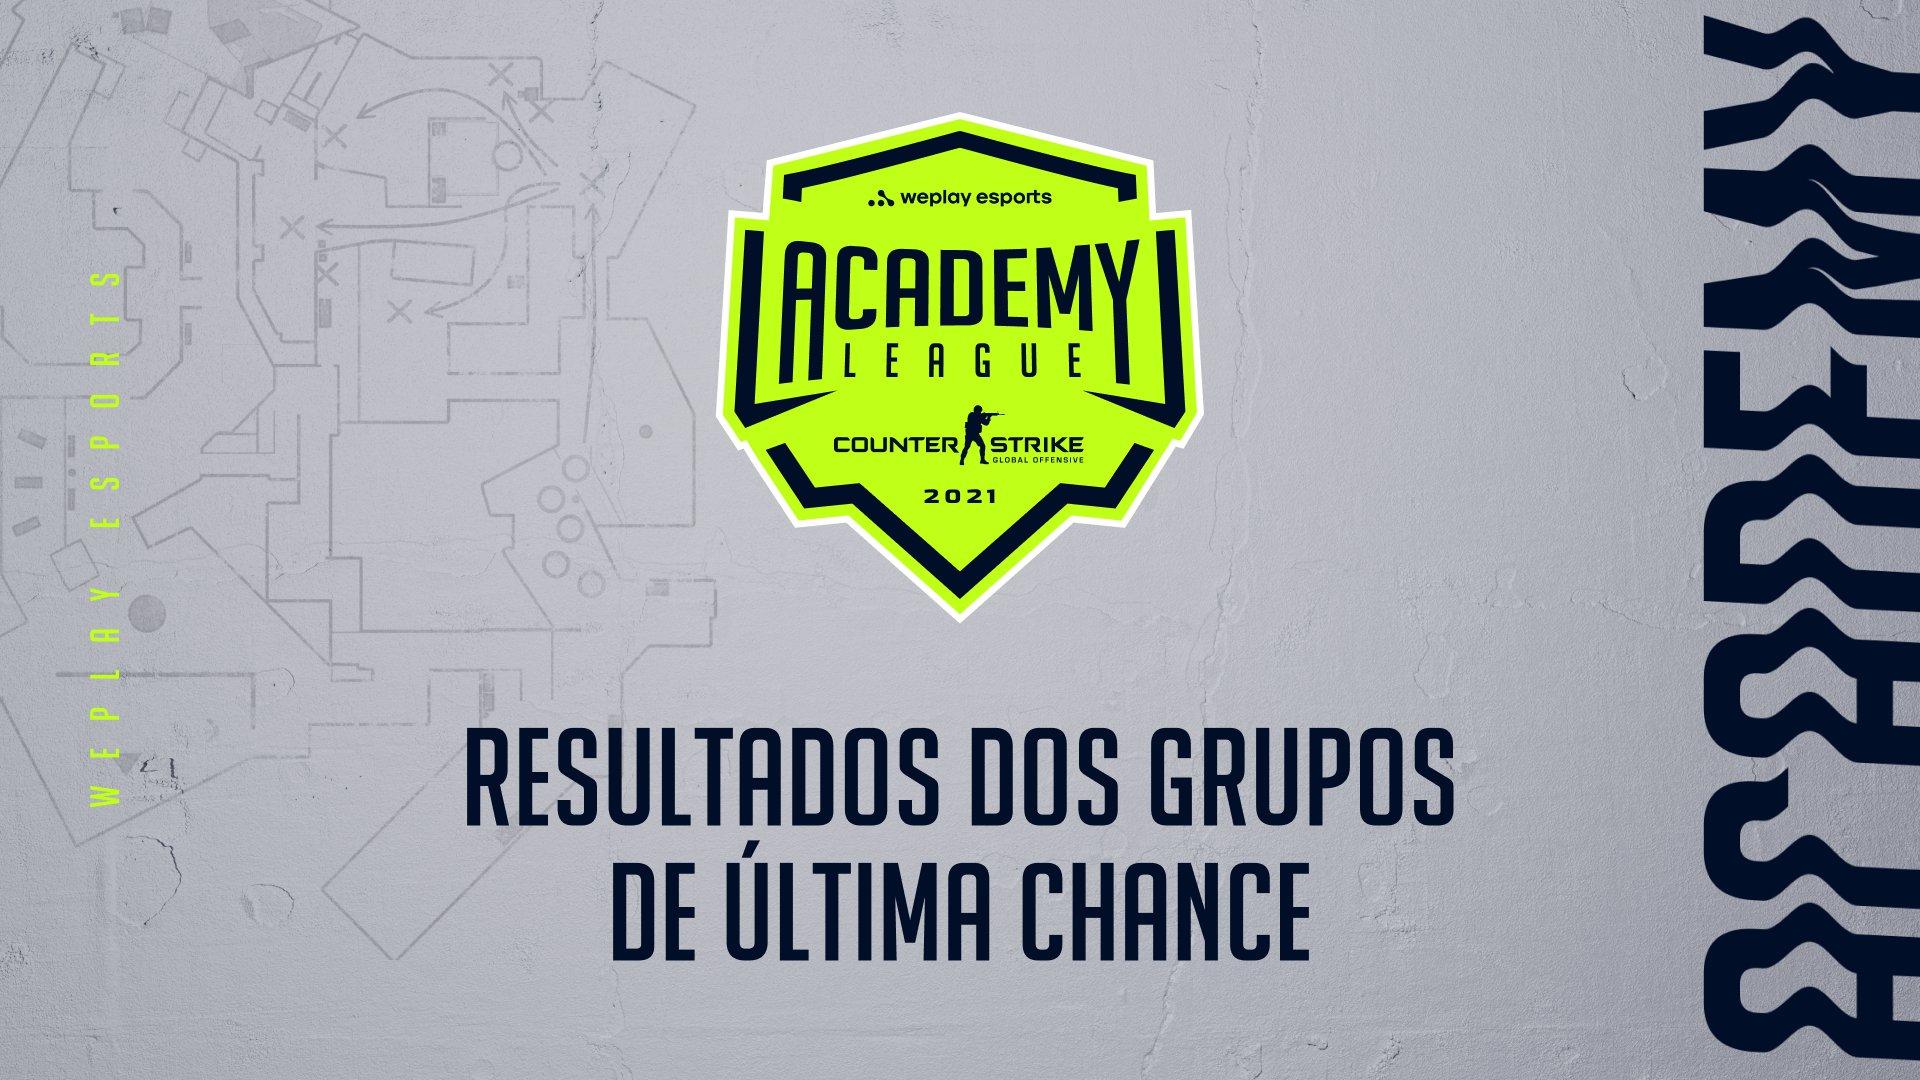 WePlay Academy League Season 2: Resultados do grupo de última chance. Imagem: WePlay Holding